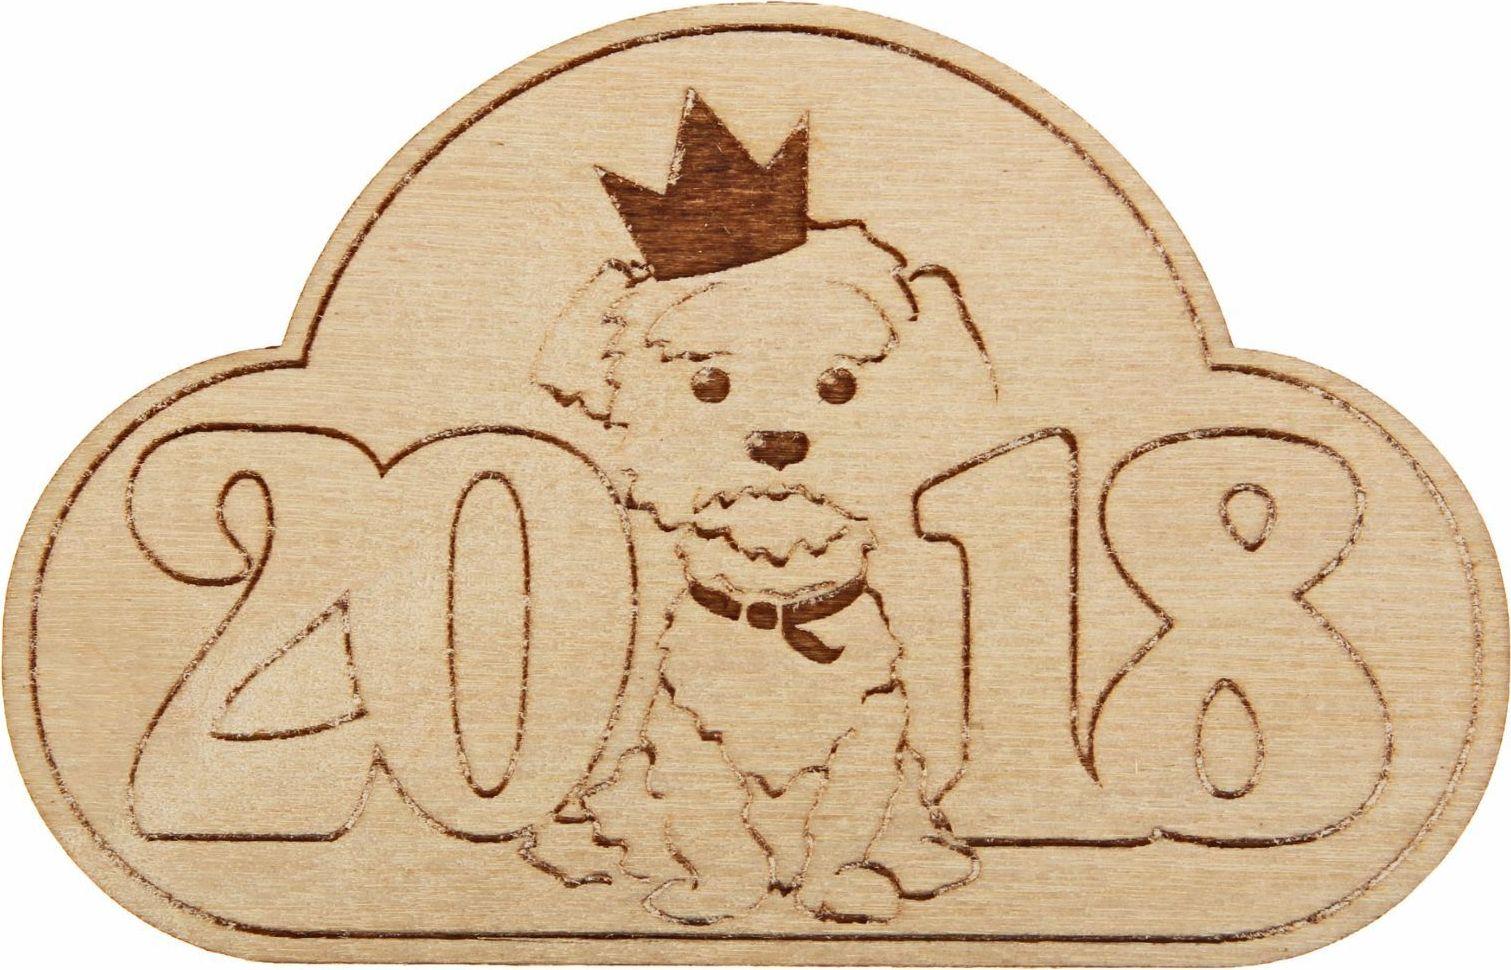 Магнит Канышевы 2018. С собачкой в короне, 10 х 6,5 см2570623Порадуйте родных и близких оригинальным сувениром: преподнесите в подарок магнит. С ним даже самый серьёзный человек почувствует себя ребёнком, ожидающим чудо! Создайте праздничное настроение, и оно останется с вами на весь год.